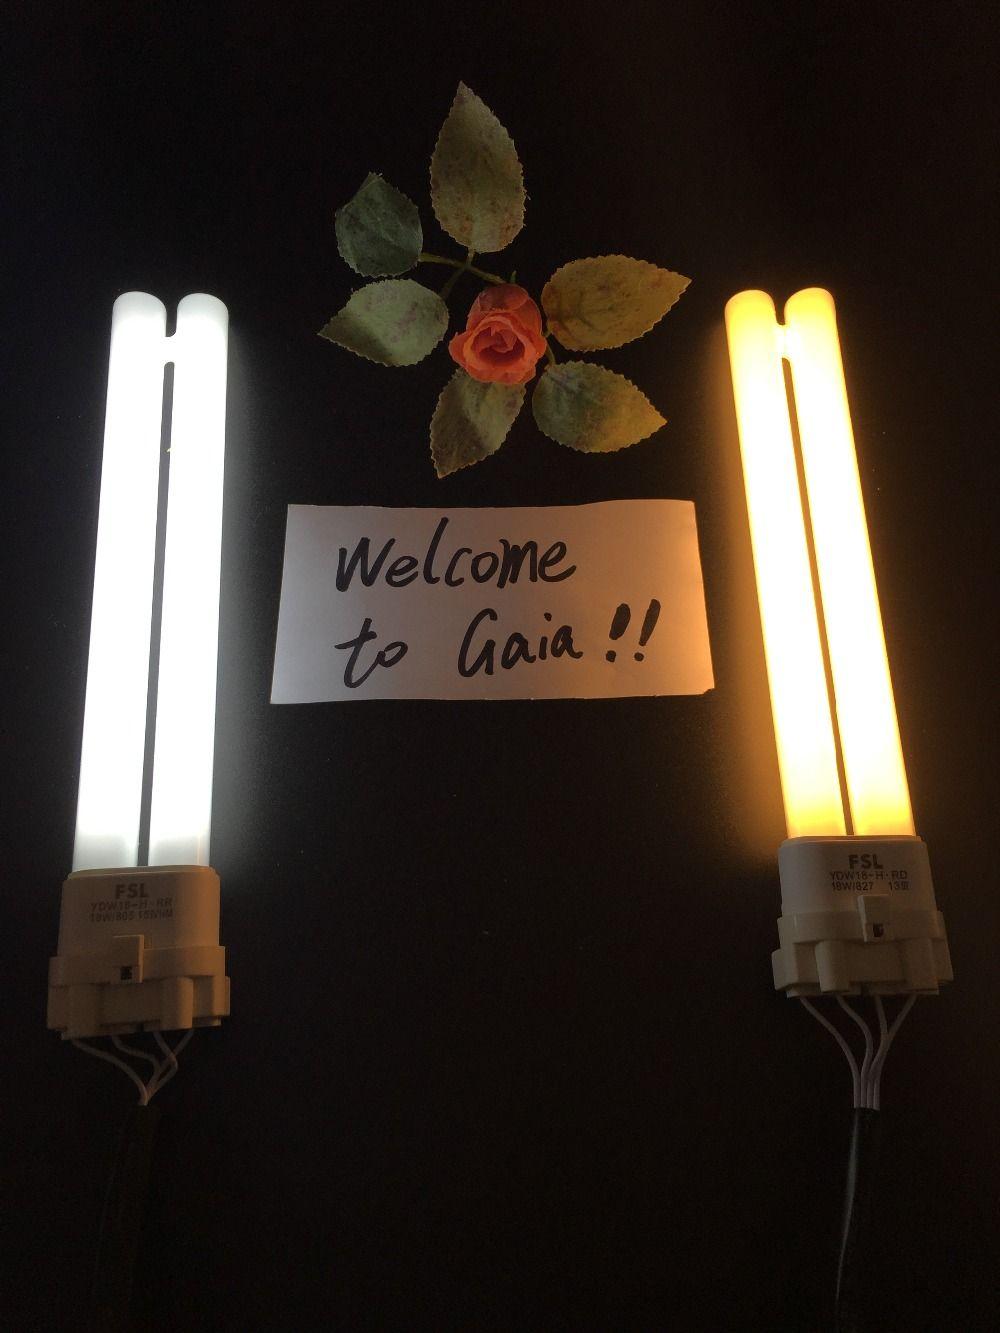 Ampoule à double Tube linéaire fluorescente compacte FSL, Base CFL en forme de H 4 broches 2G11 18 W/24 W/36 W/40 W/55 W 2700 K/6500 K disponible